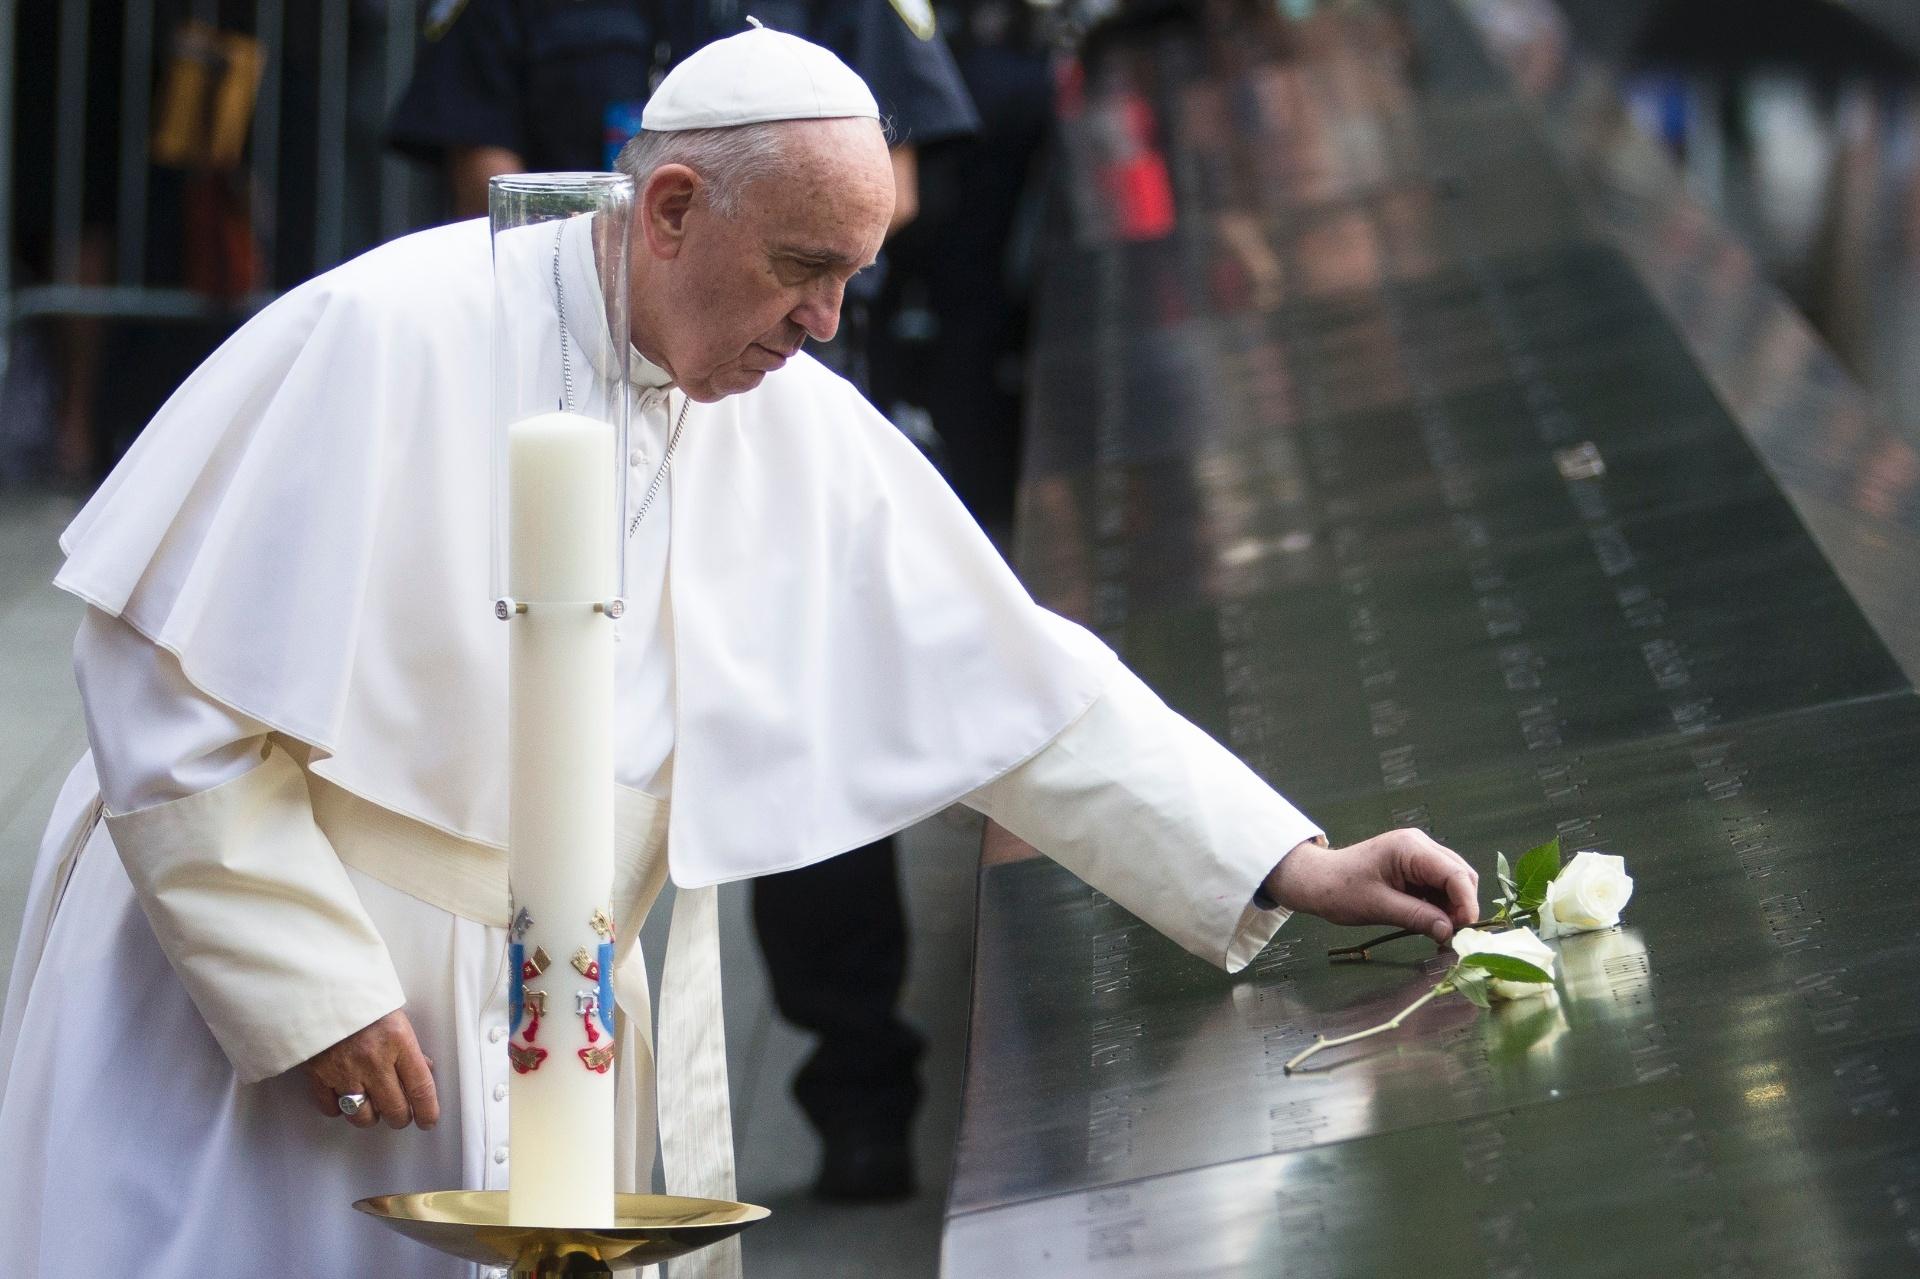 25.set.2015 - O papa Francisco deixa uma rosa branca em memorial das vítimas do 11 de Setembro, em Nova York. Francisco discursou pela primeira vez na ONU, em prévia da Assembleia Geral das Nações Unidas